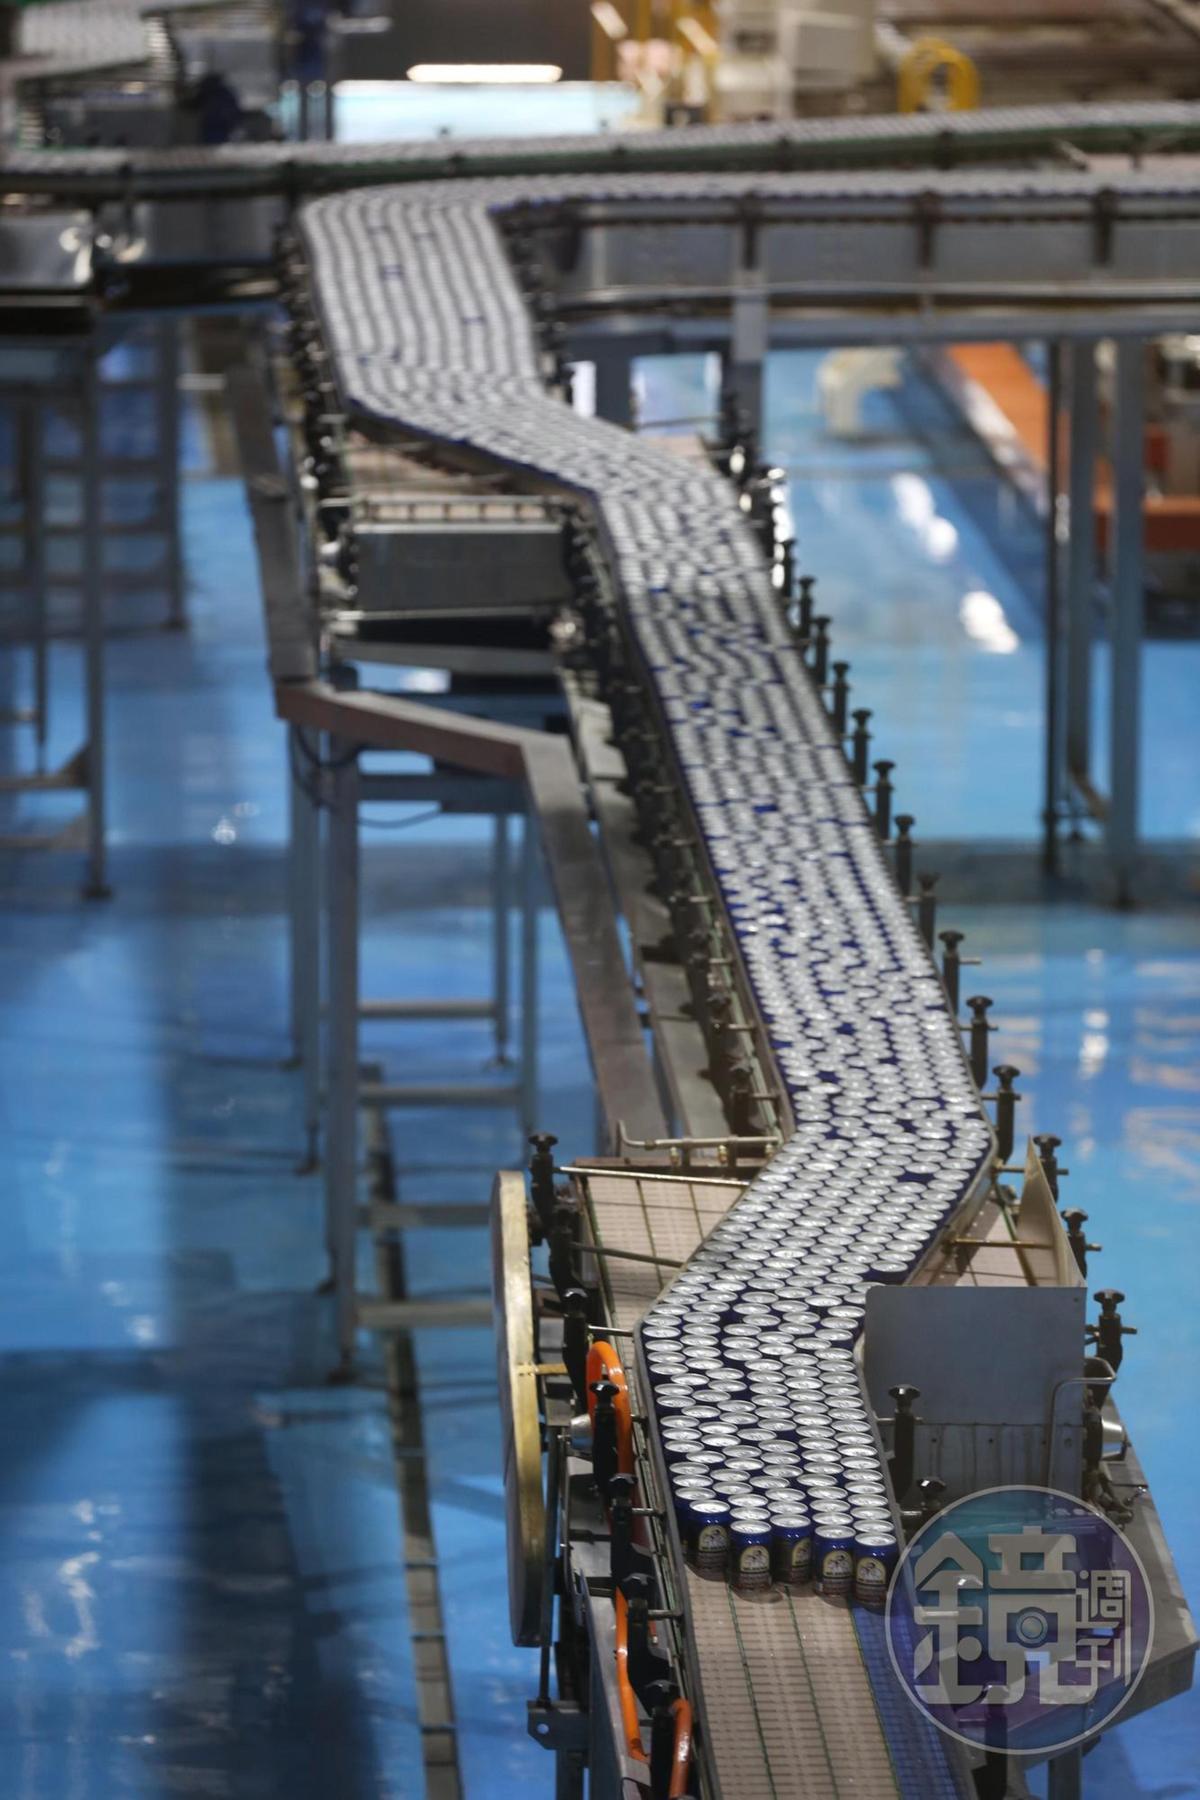 伯朗咖啡從鋁罐外殼生產、包裝、充填皆採全自動產線,1分鐘可生產1,500瓶。